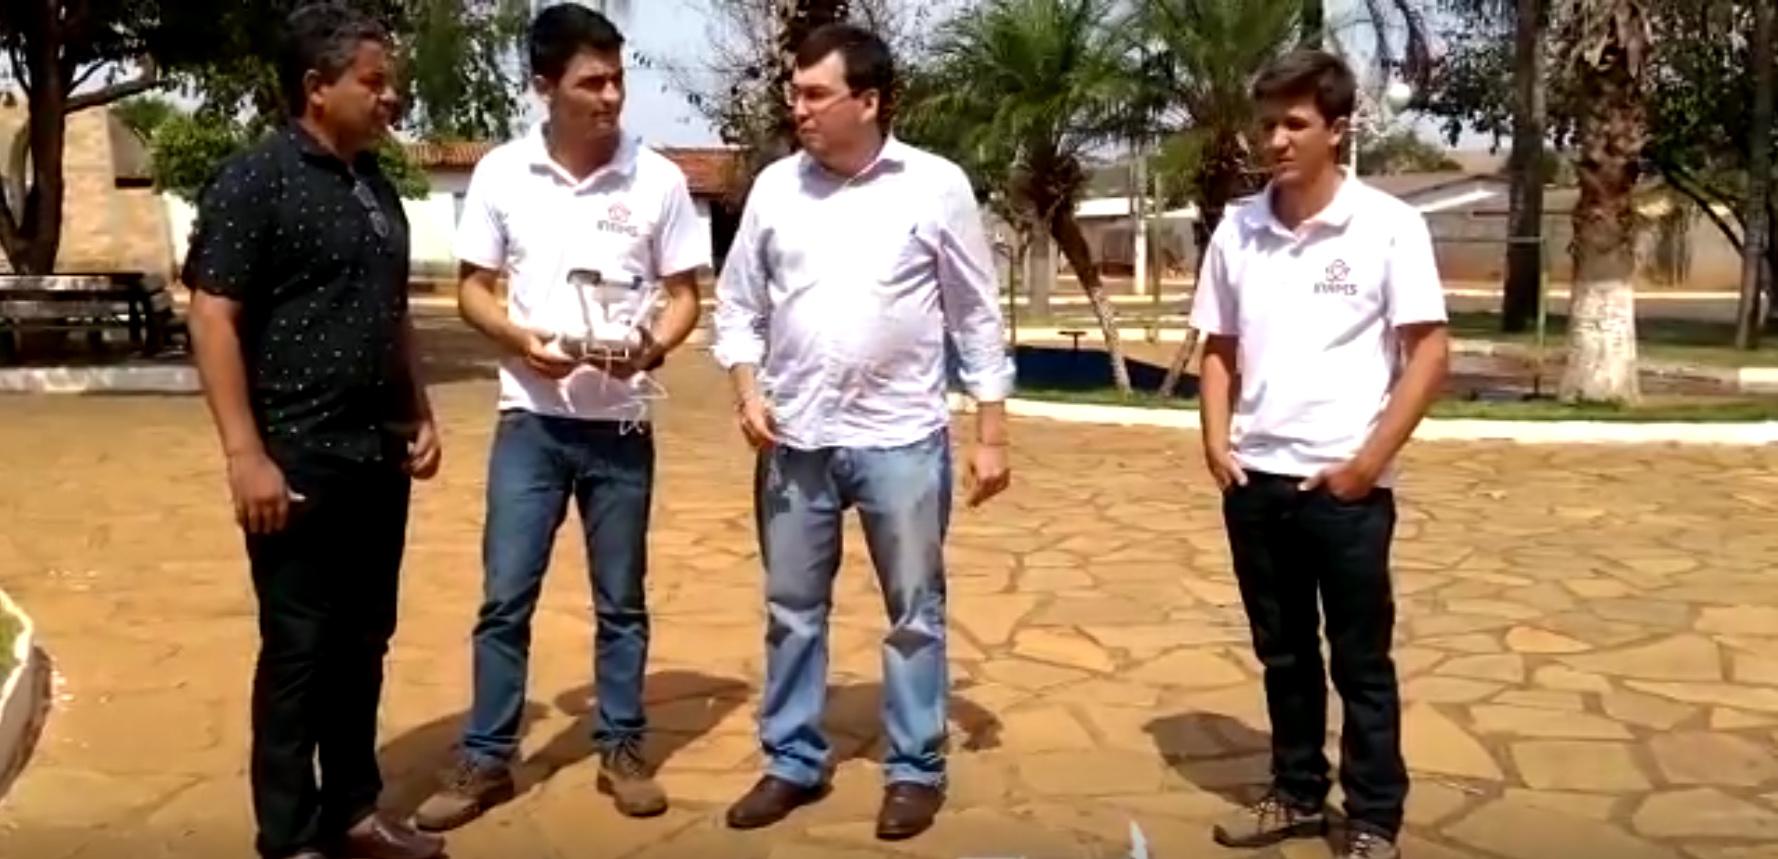 INAMS – Depoimento do prefeito de Gameleira de Goiás.